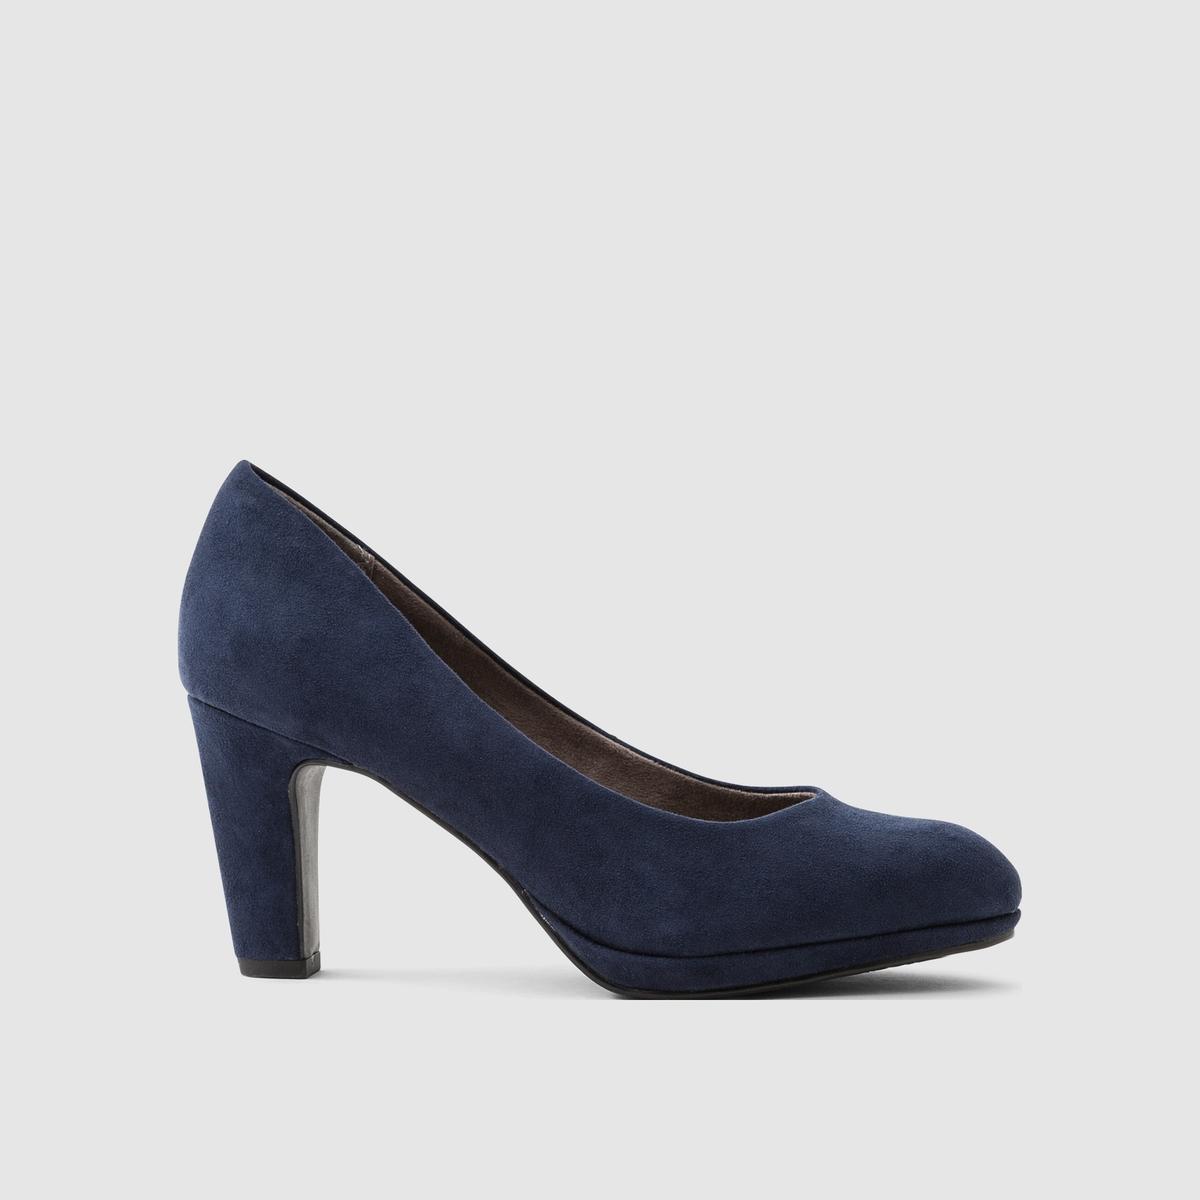 Туфли из искусственной замшиПодкладка : текстиль   Стелька : синтетика   Подошва : синтетика   Высота каблука : 8 см   Марка : TAMARIS<br><br>Цвет: синий